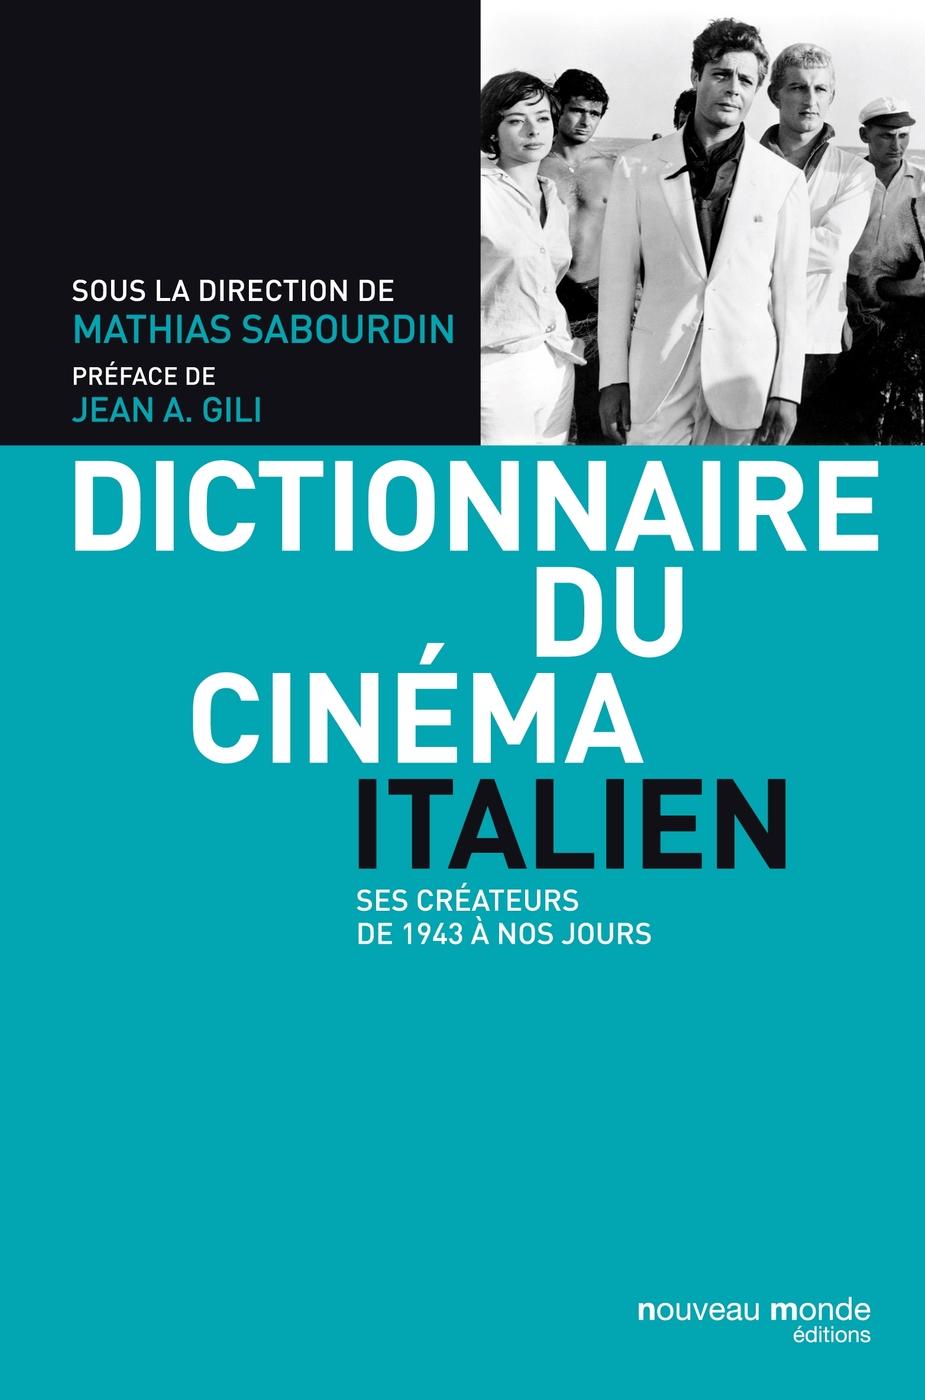 M.-P. Lafargue, O. Maillart, M. Sabourdin, Dictionnaire du cinéma italien